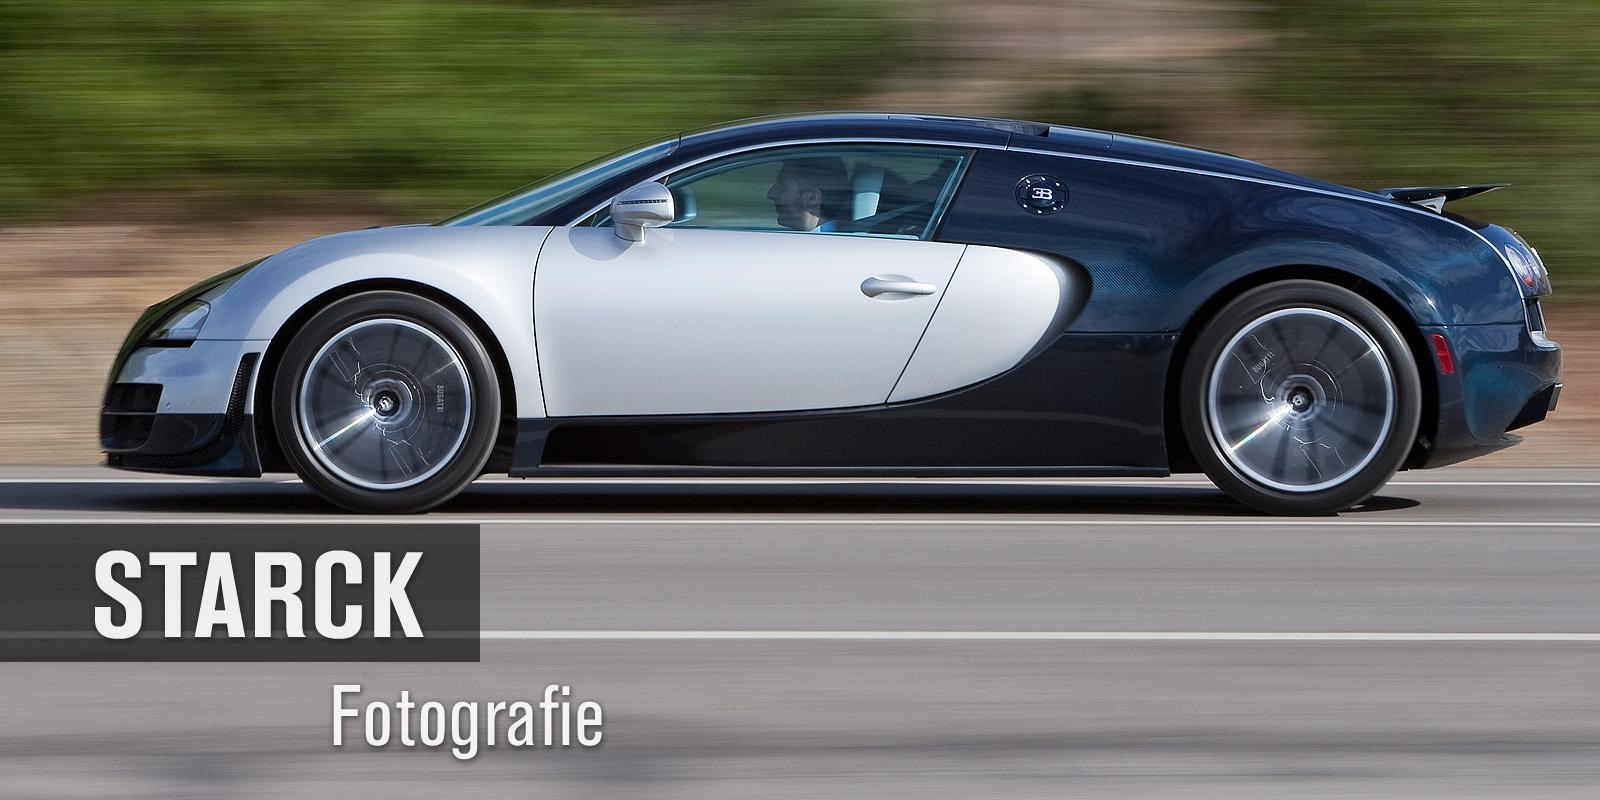 Thomas Starck Autofotografie - Bugatti Veyron Super Sport Seitenansicht in Fahrt